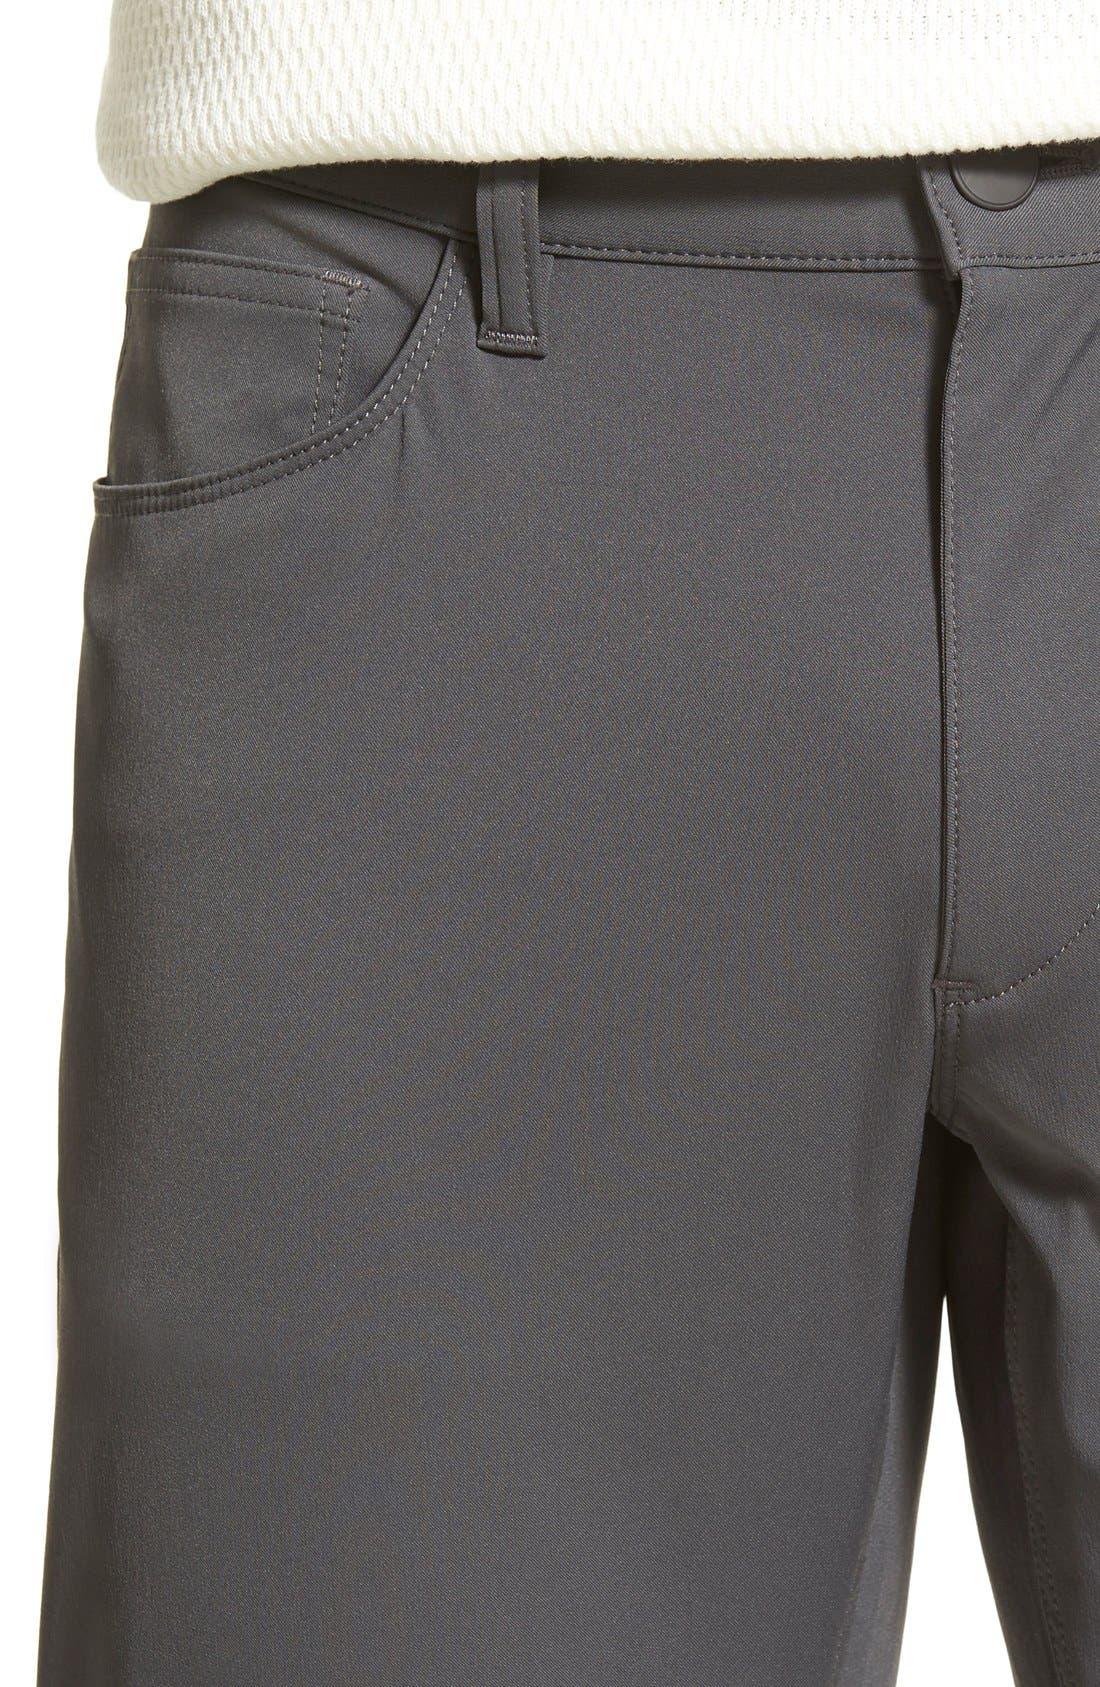 'Raffi' Slim Fit Pants,                             Alternate thumbnail 4, color,                             021